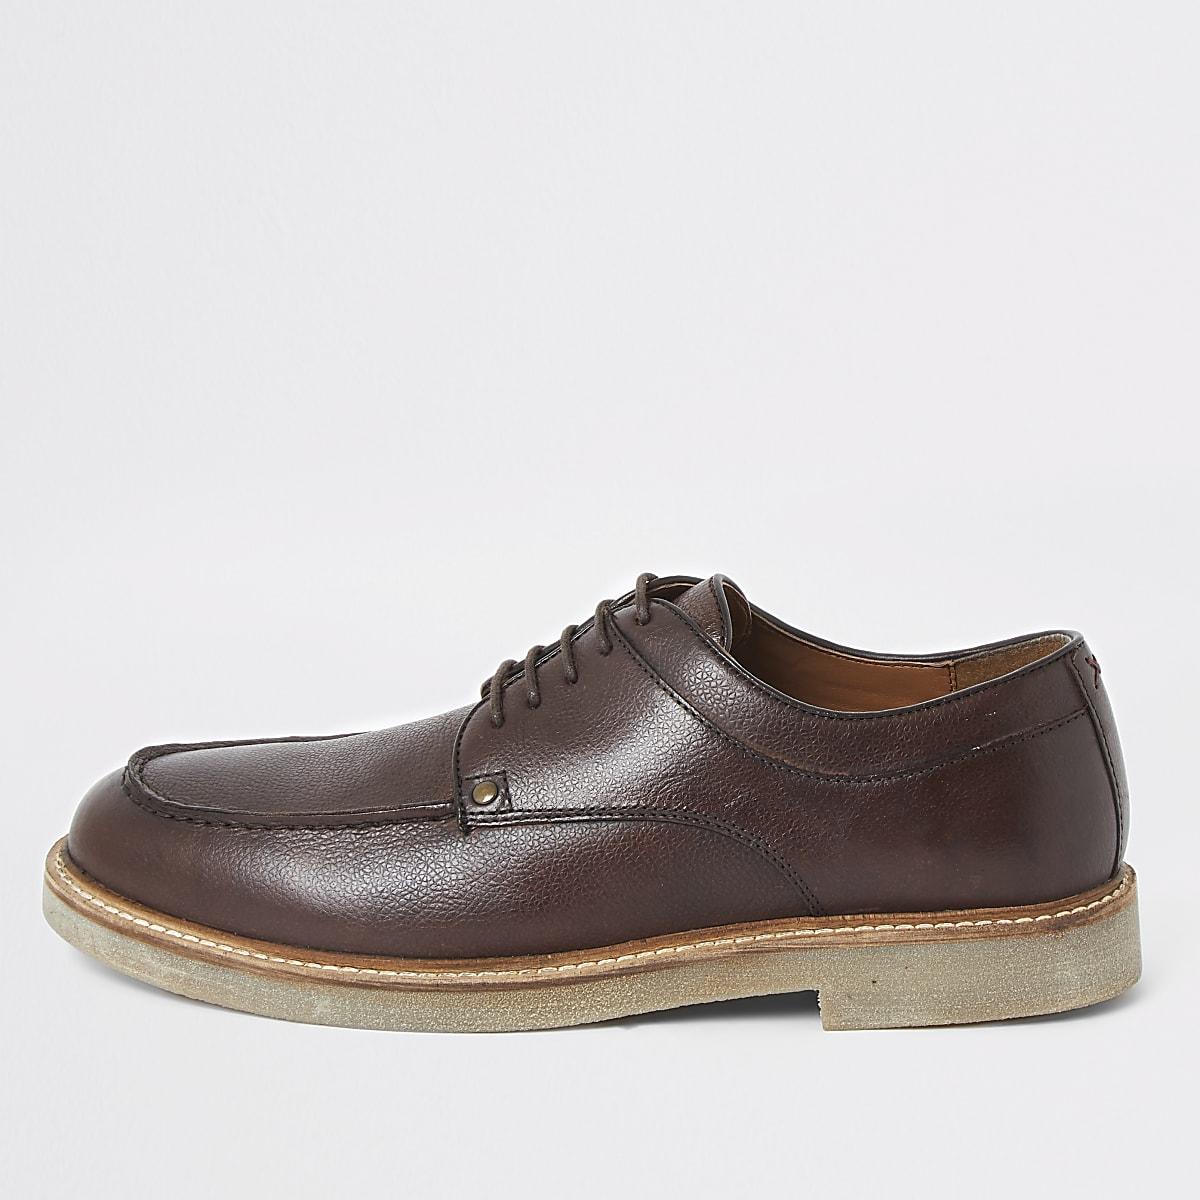 Donkerbruine leren schoenen met veters